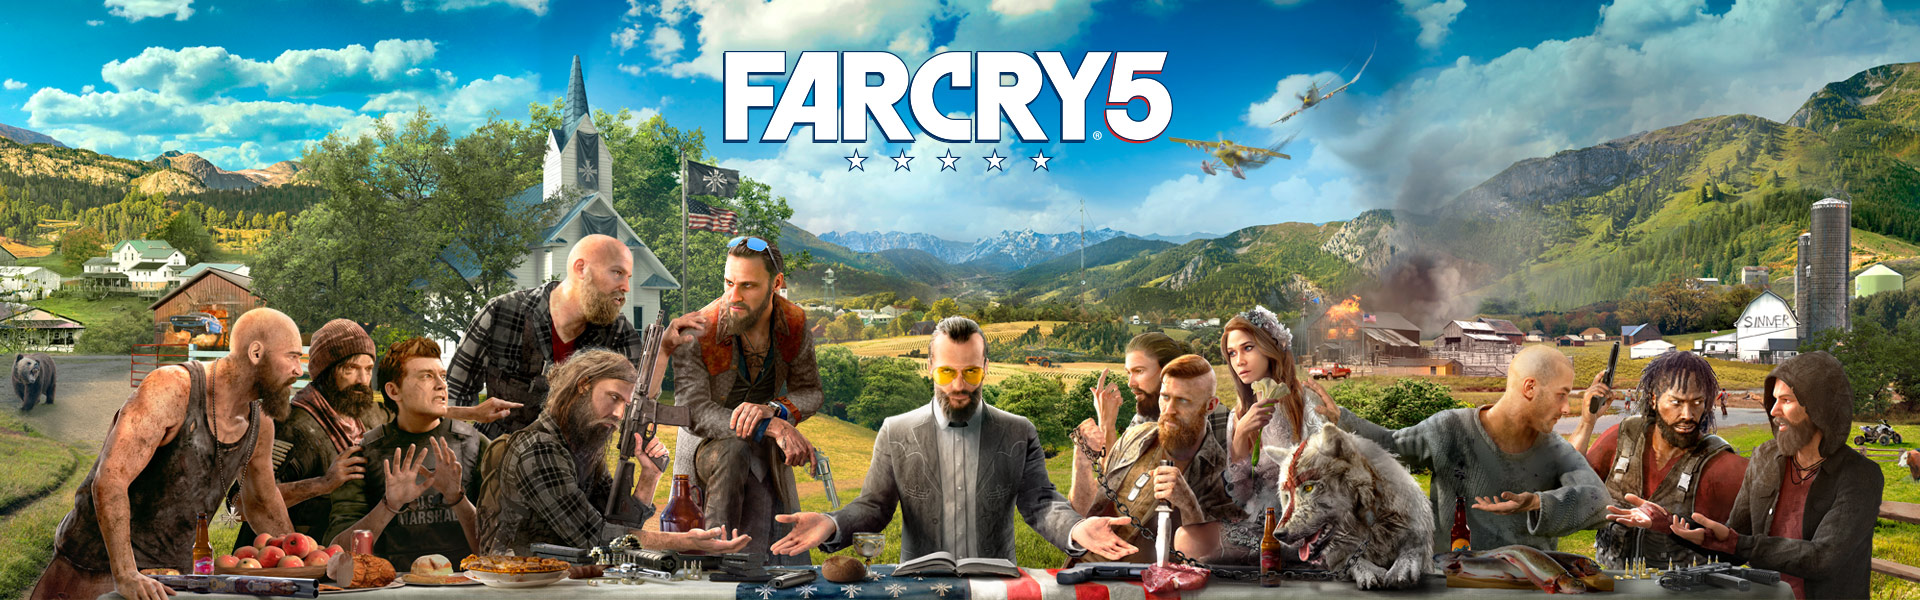 کاور بازی farcry 5 برای ps4